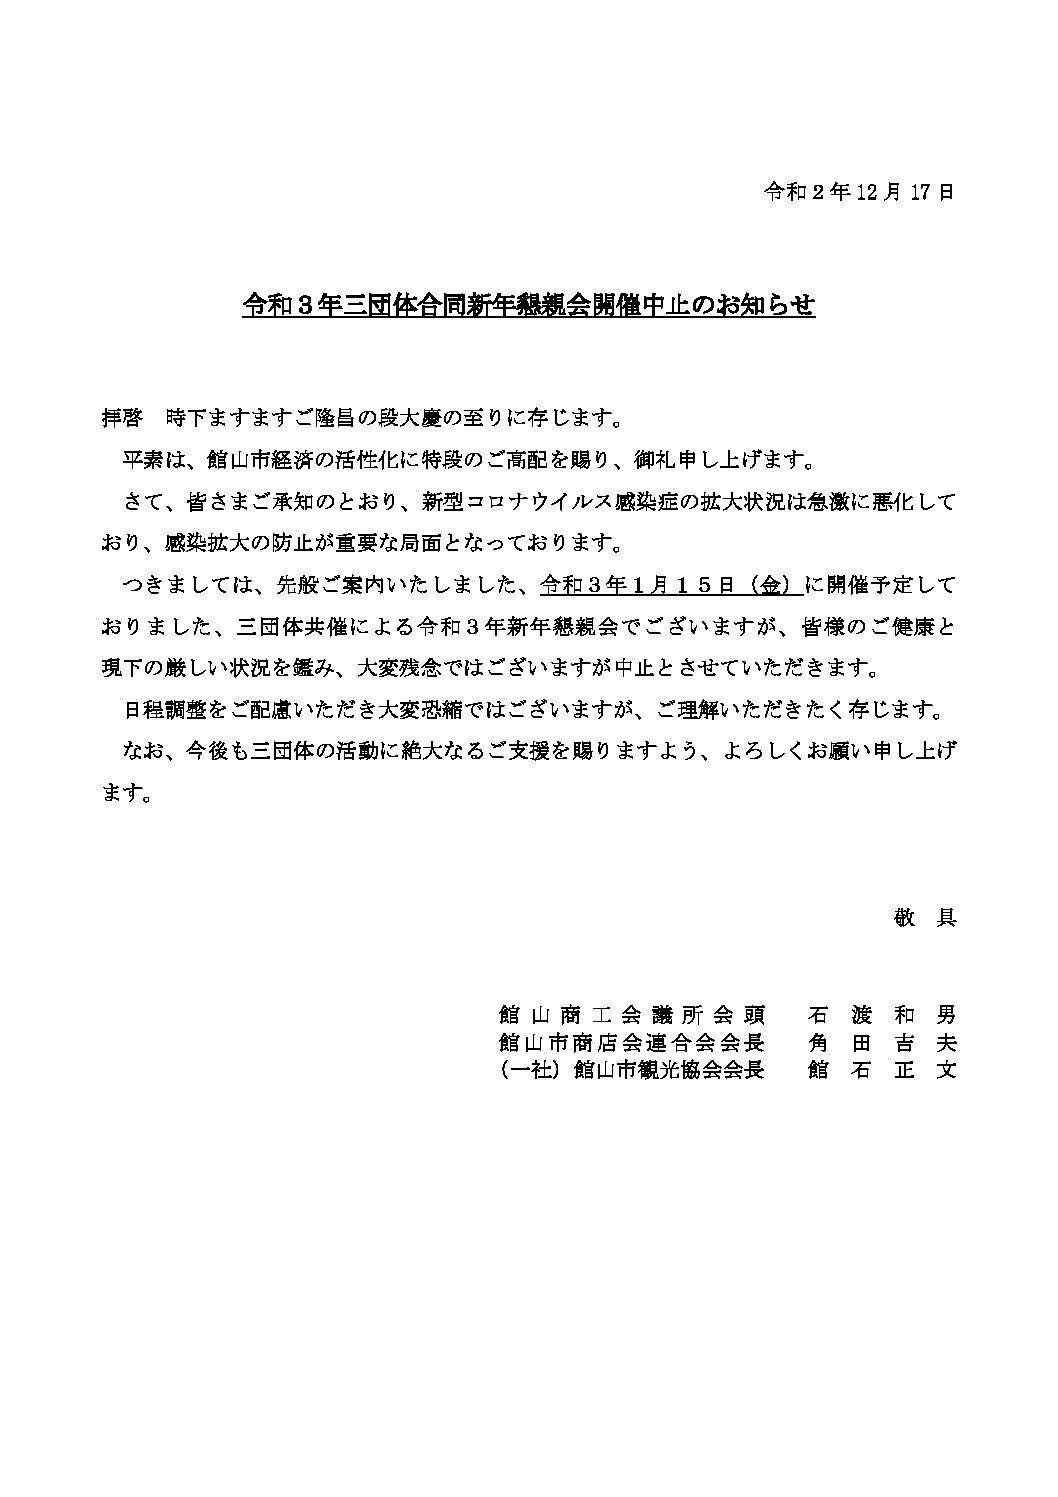 令和3年三団体合同新年懇親会開催中止のお知らせ